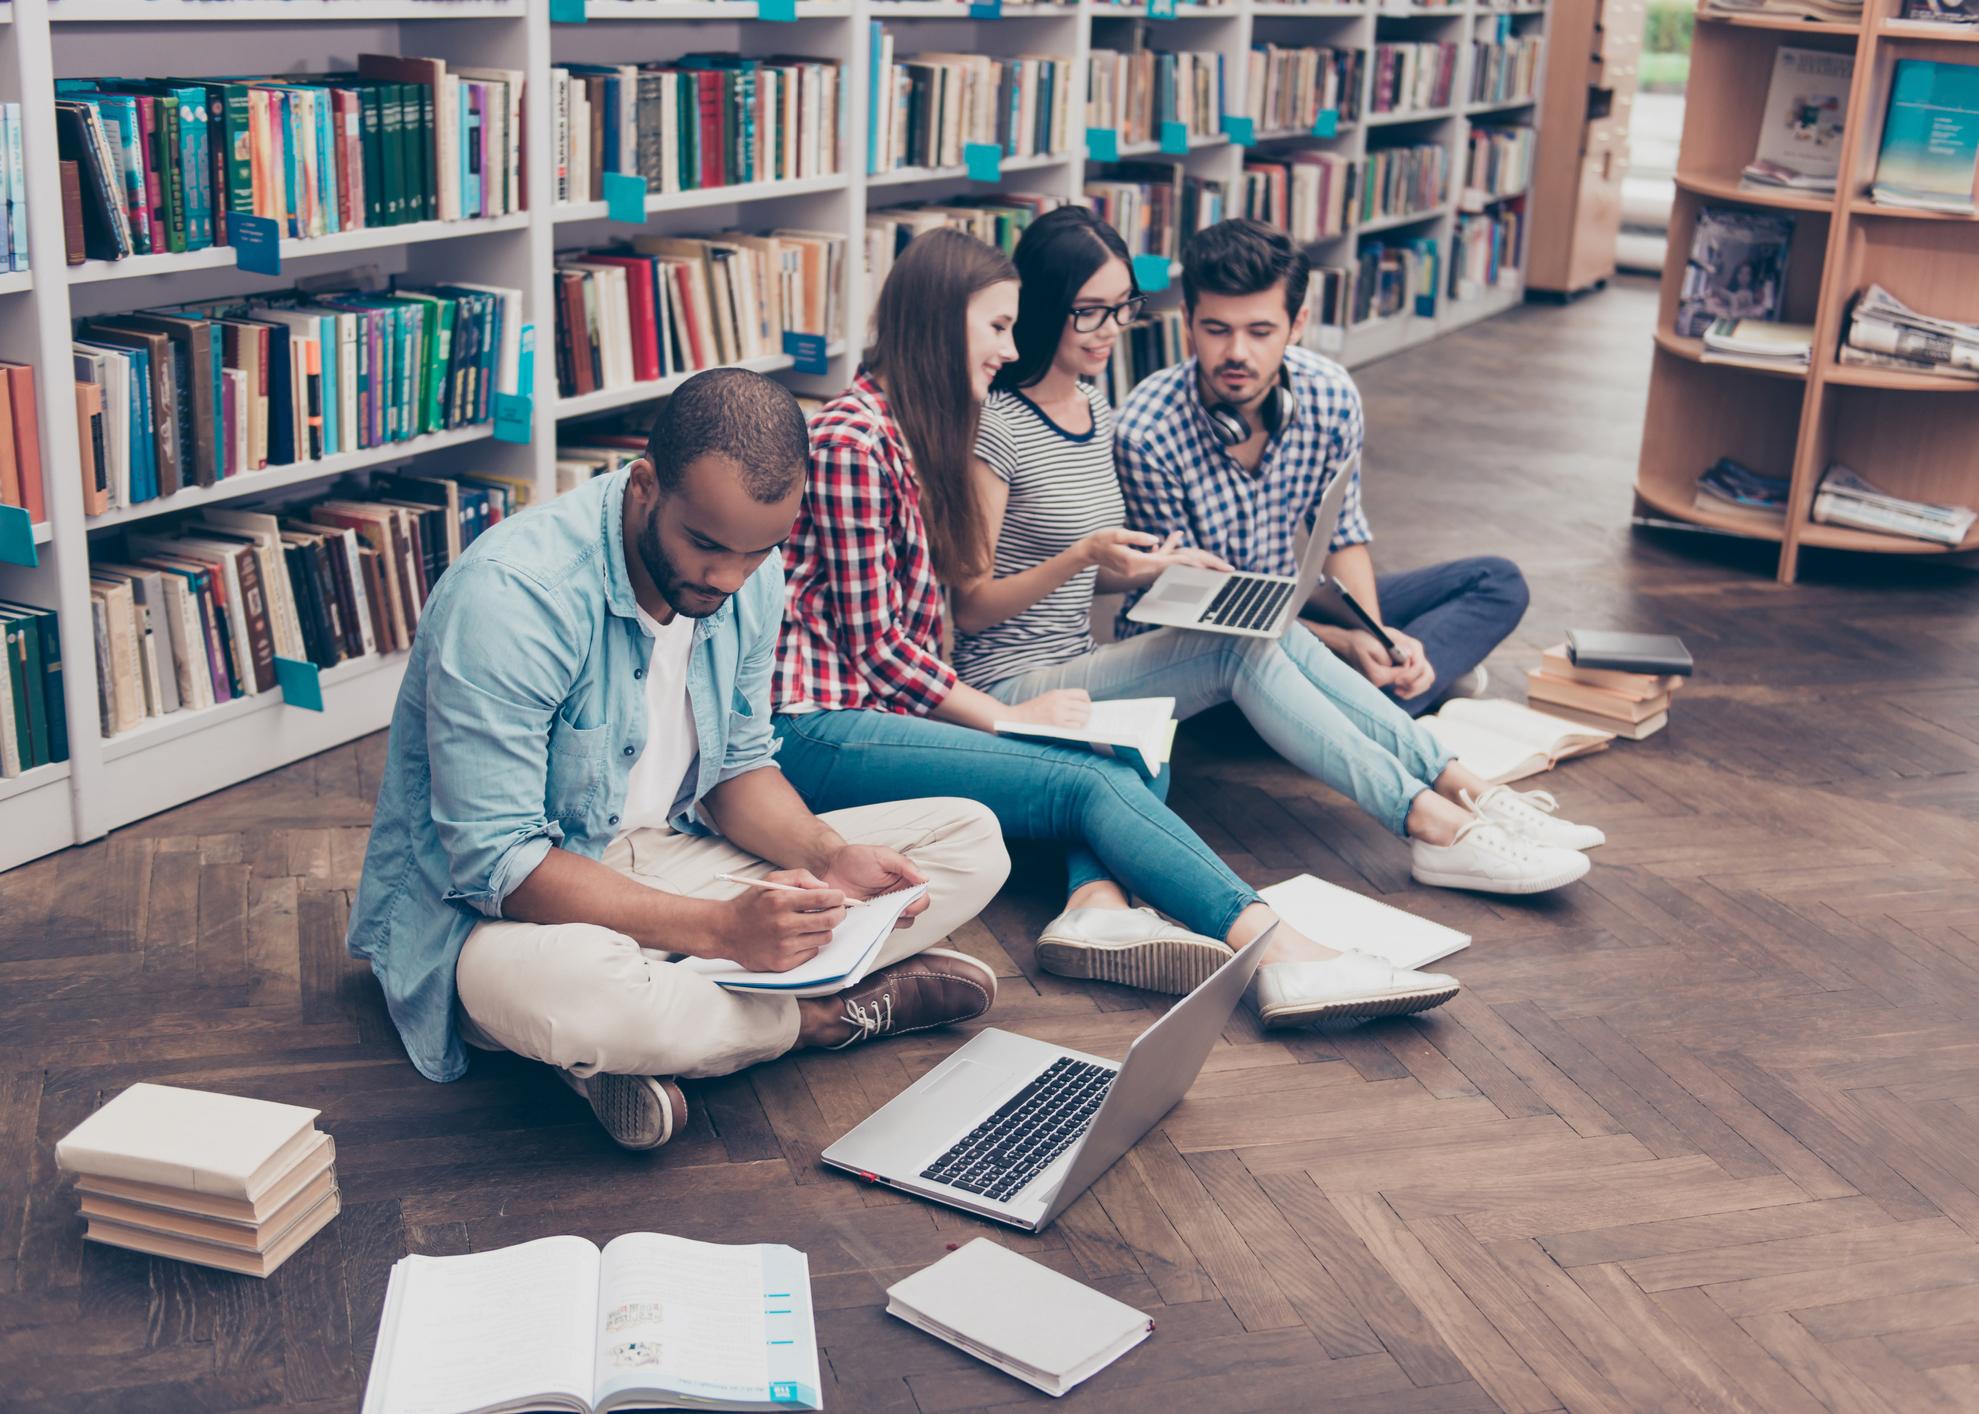 estudantes sentados na biblioteca